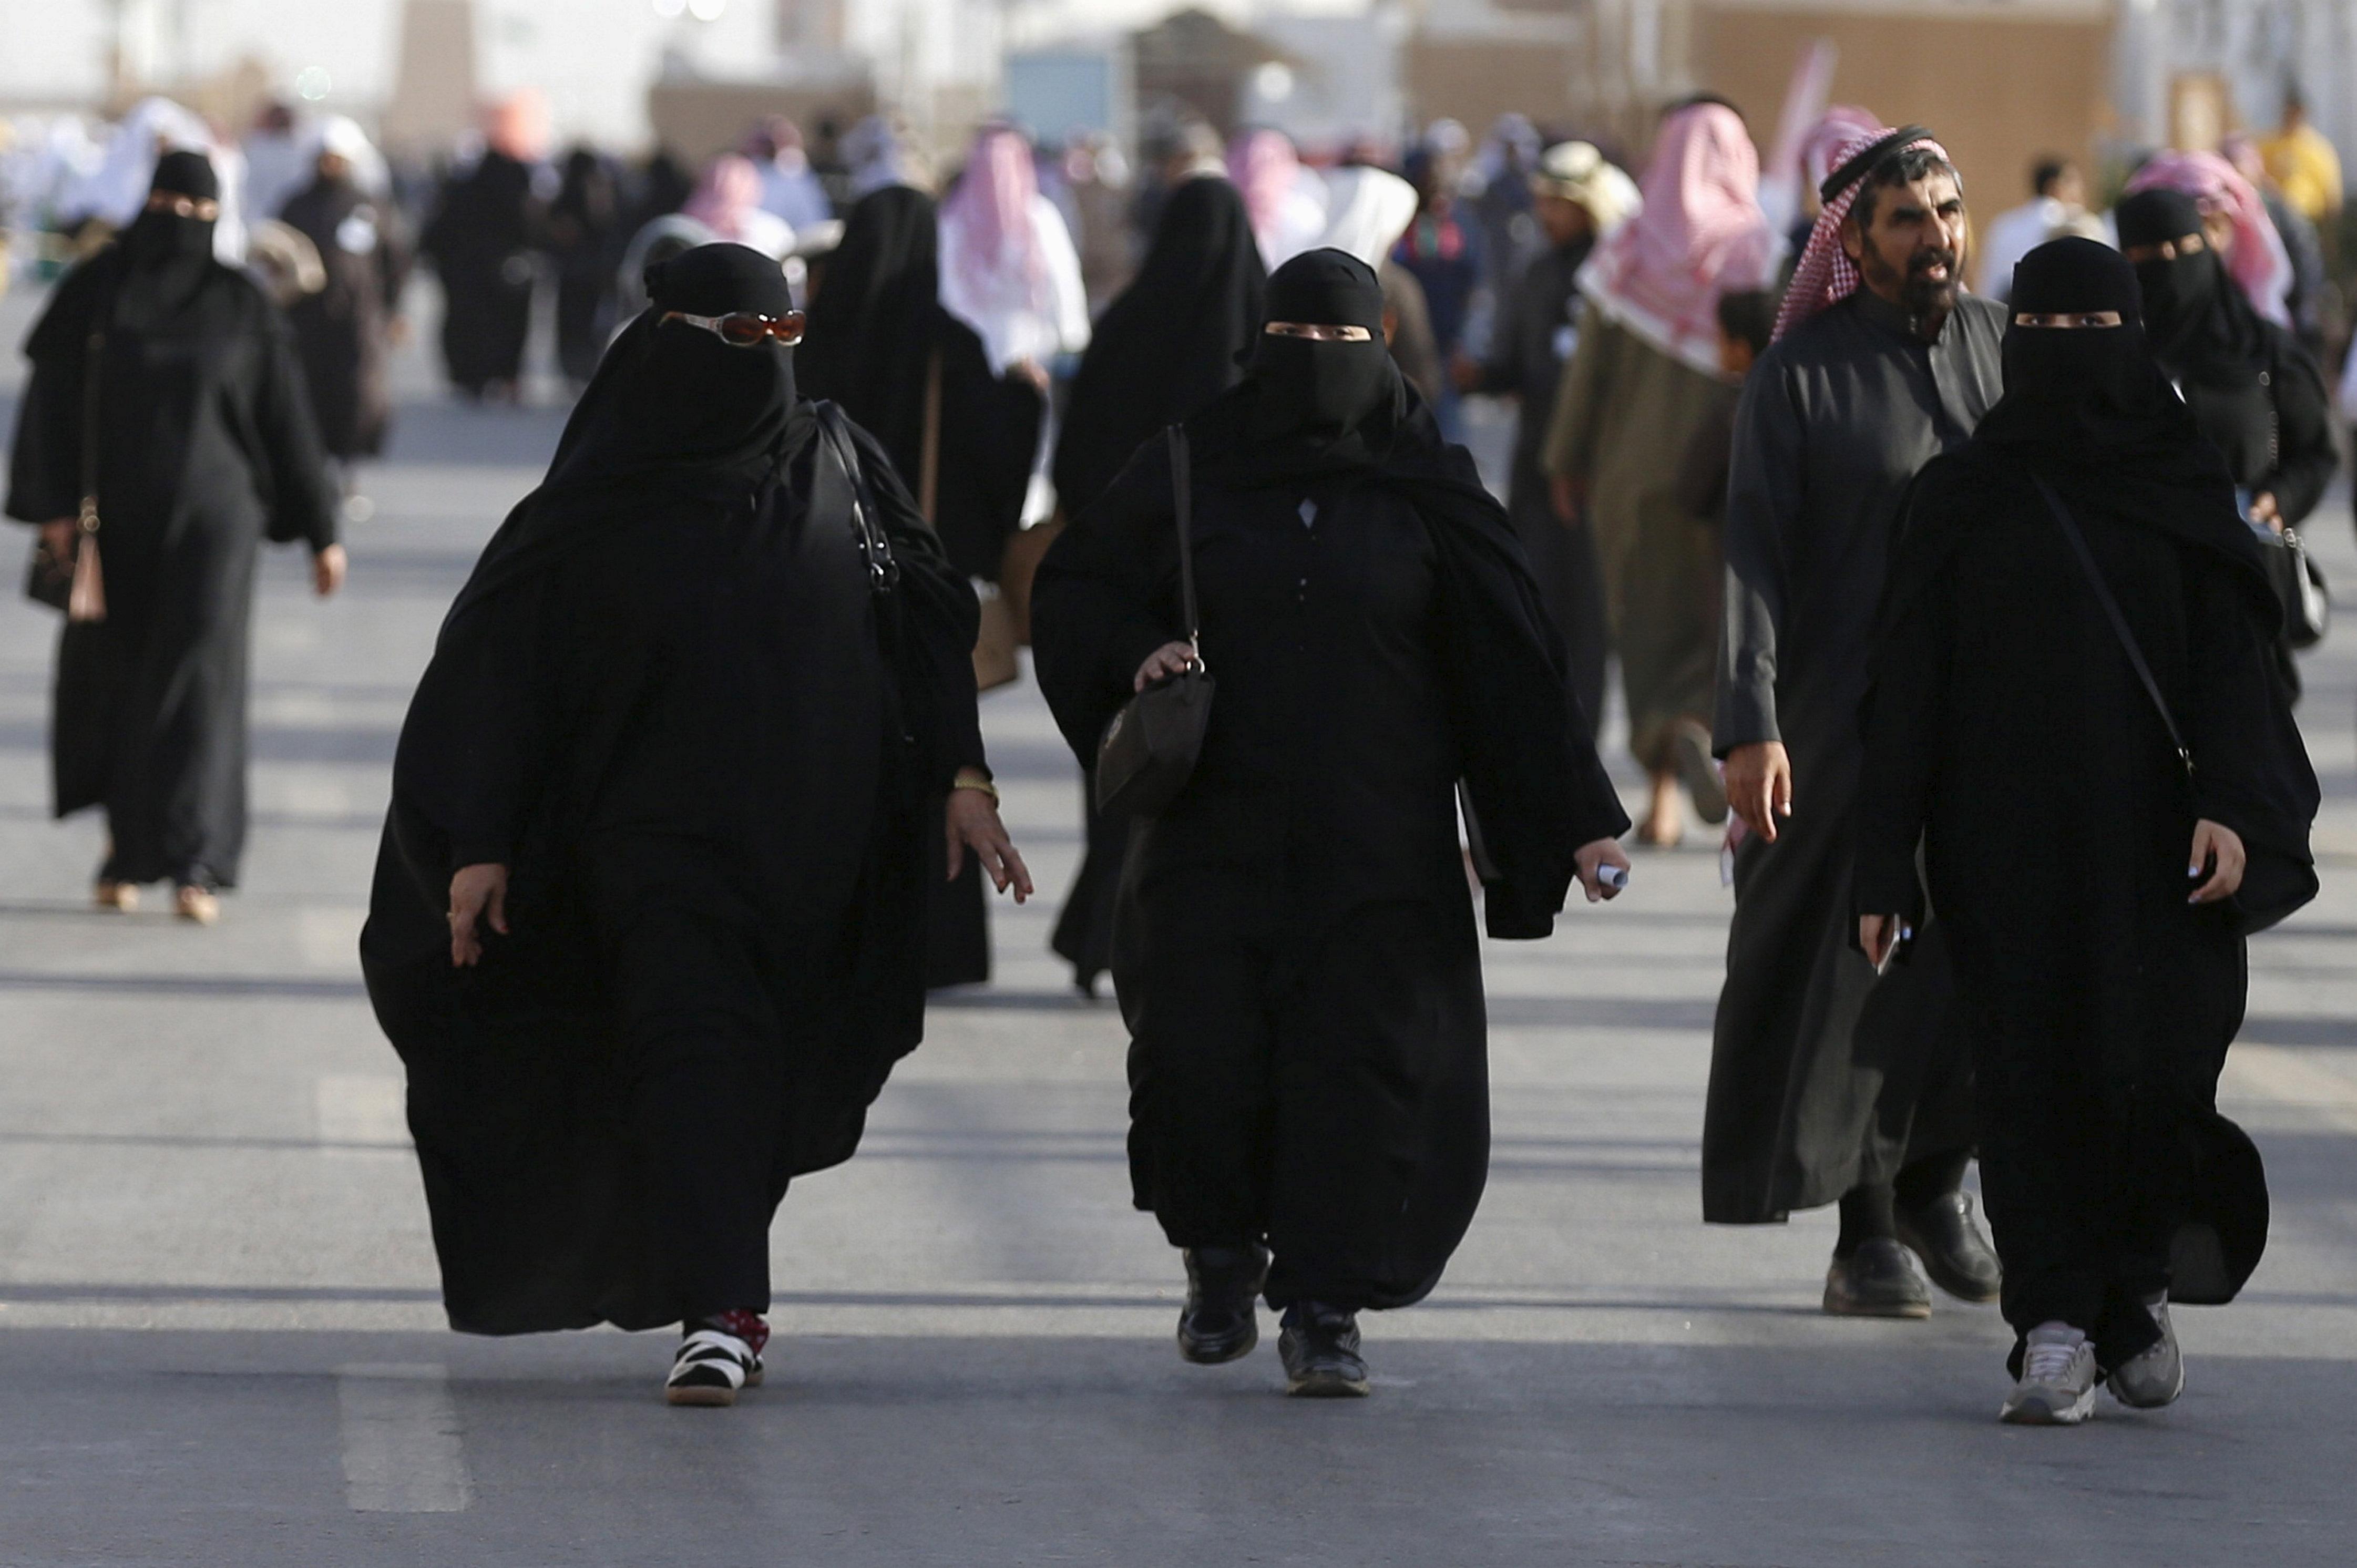 بعد إلغاء الولاية بأمر محمد بن سلمان.. مفاجأة جديدة بشأن نساء السعودية